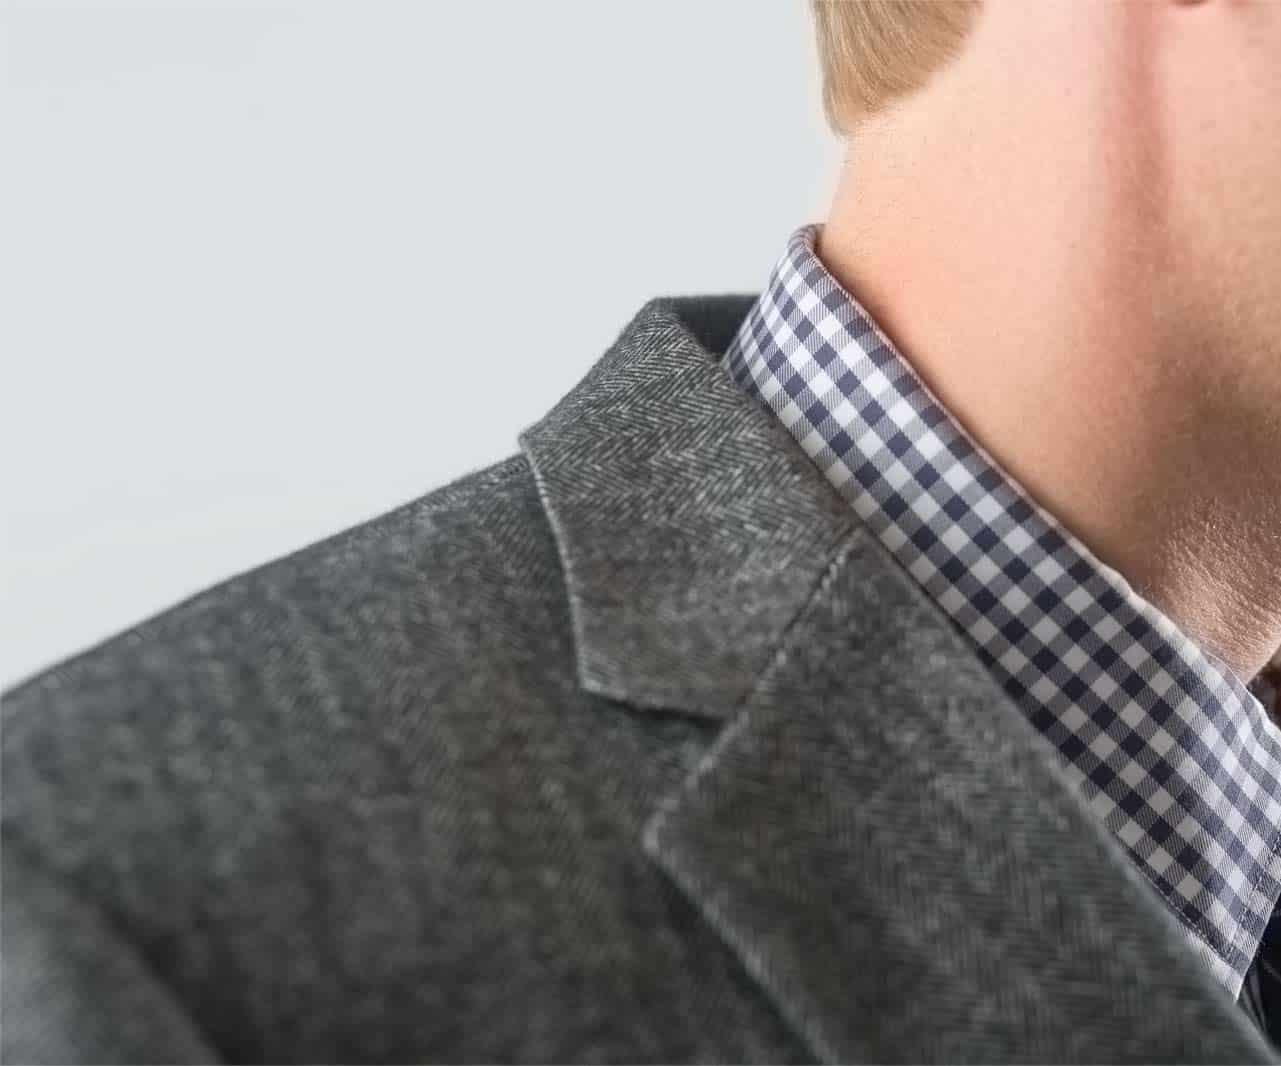 Close up showing collar gap between suit and shirt collar